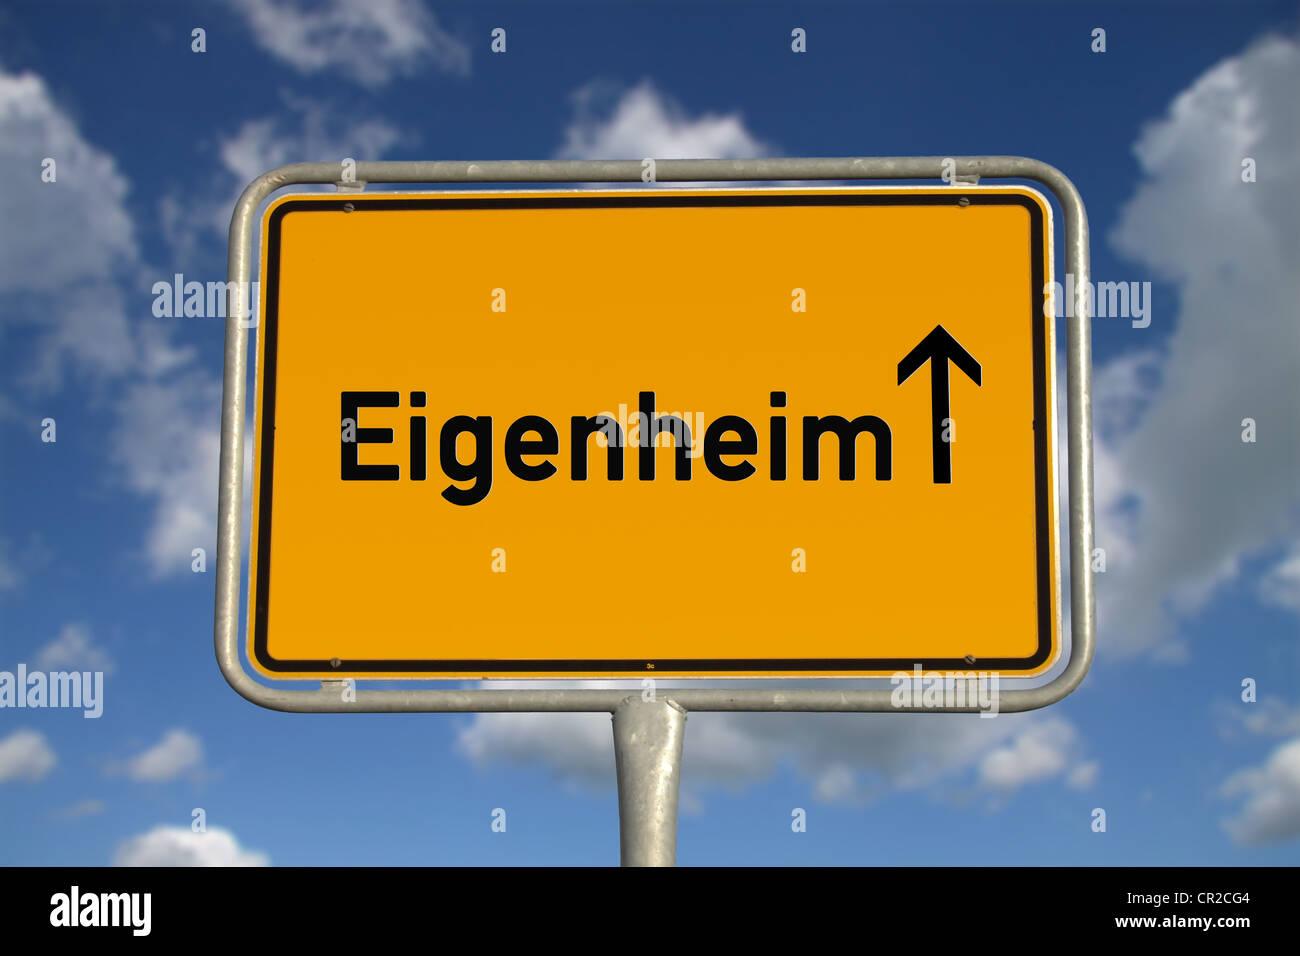 Deutschen Straßenverkehr Zeichen im Besitz nach Hause, mit blauen Himmel und weiße Wolken Stockbild